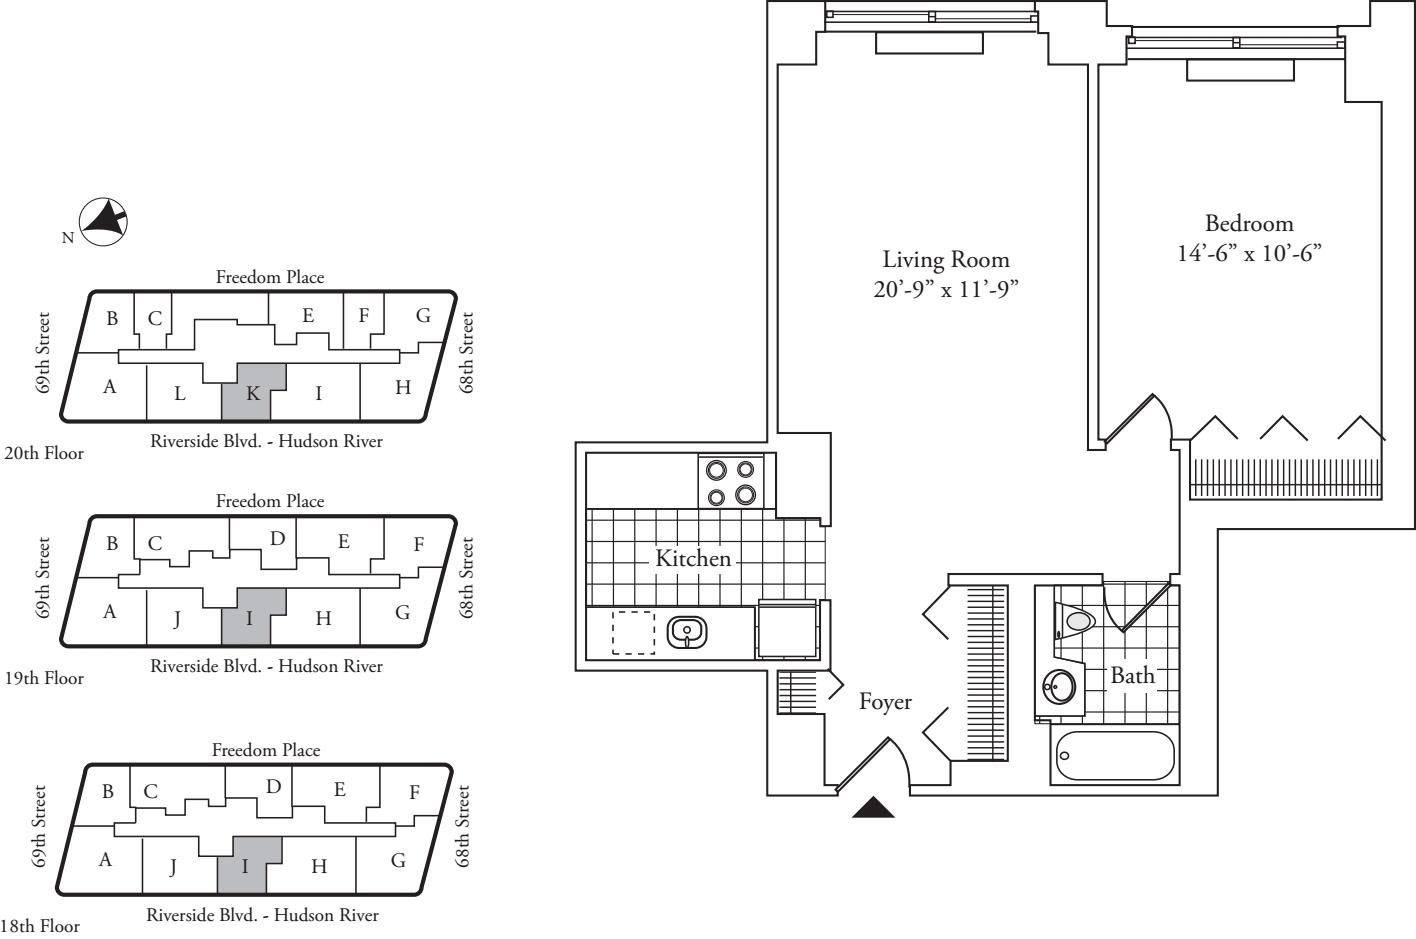 Residence I, floors 18-19 - Residence K, floor 20